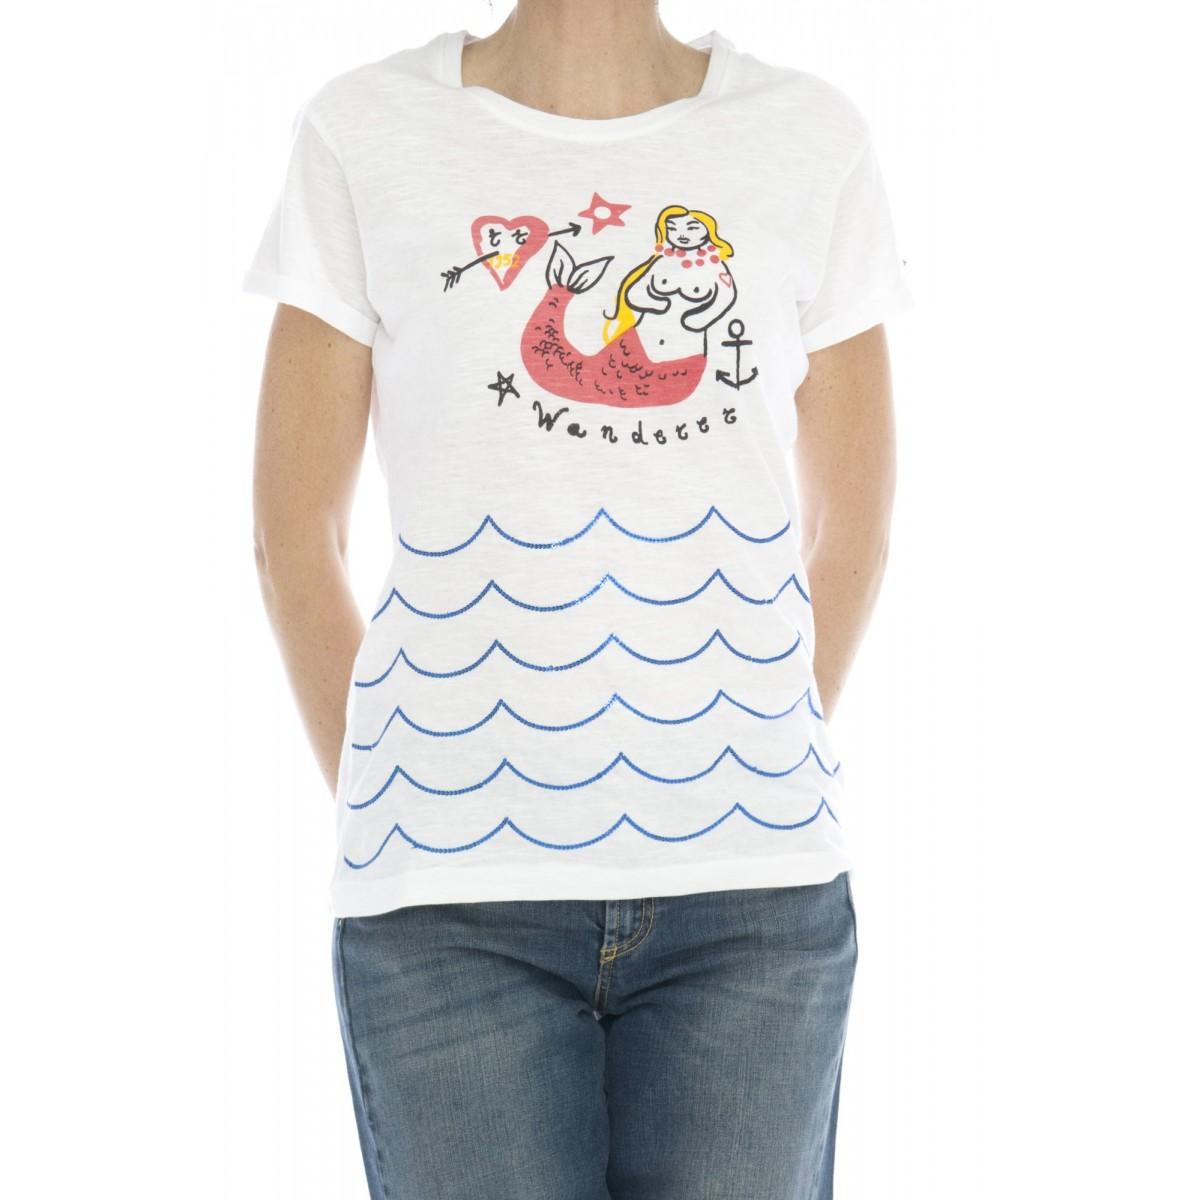 T-shirt donna - Dany muse t-shirt sirena